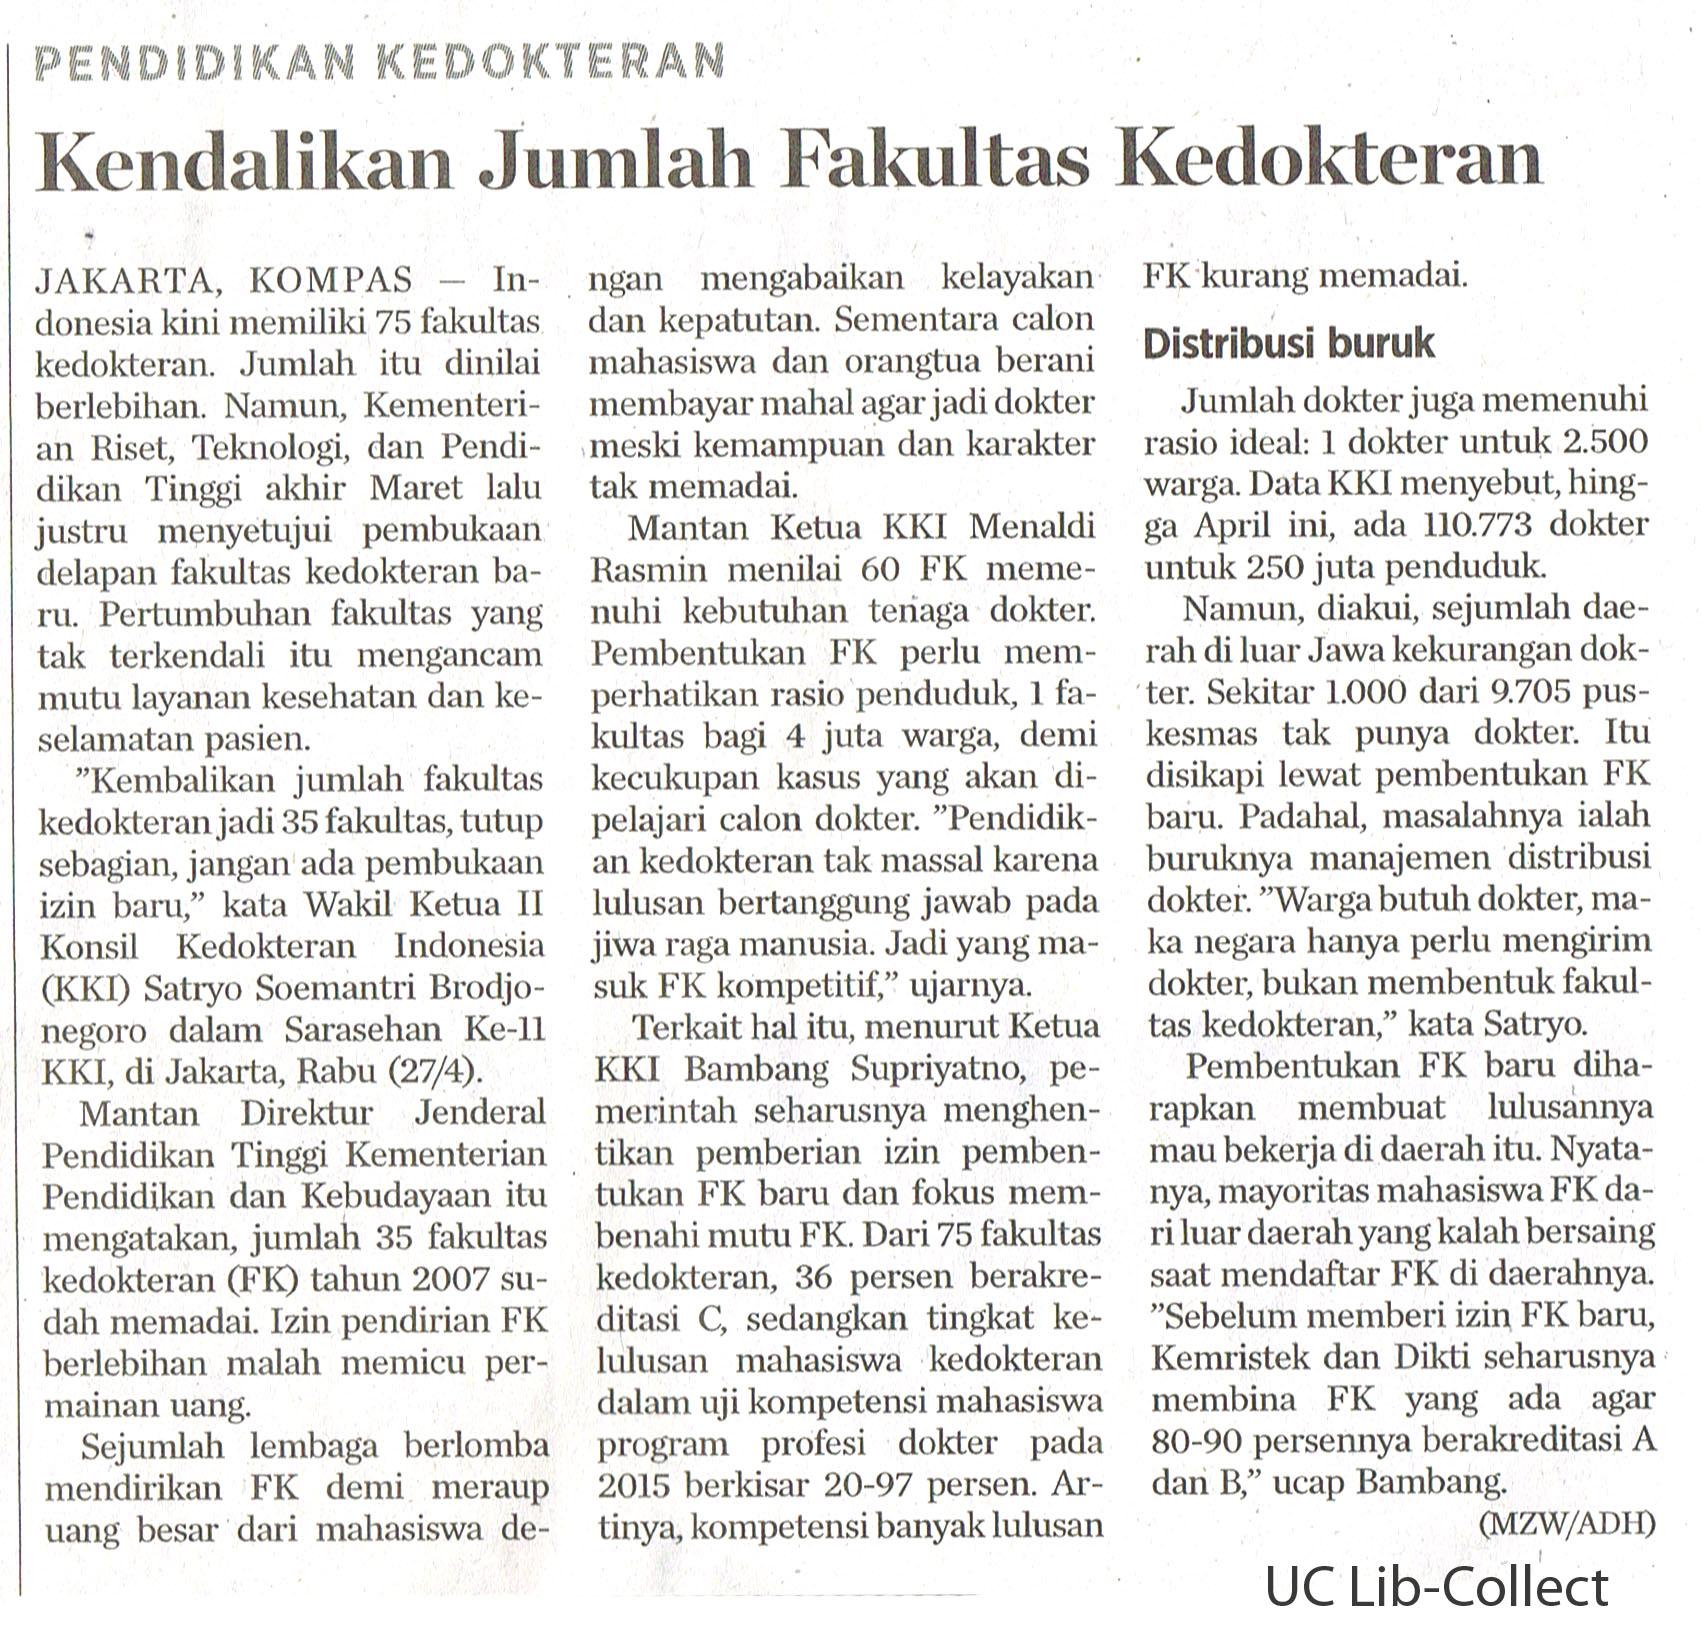 Kendalikan Jumlah Fakultas Kedokteran. Kompas. 28 April. 2016.Hal.14